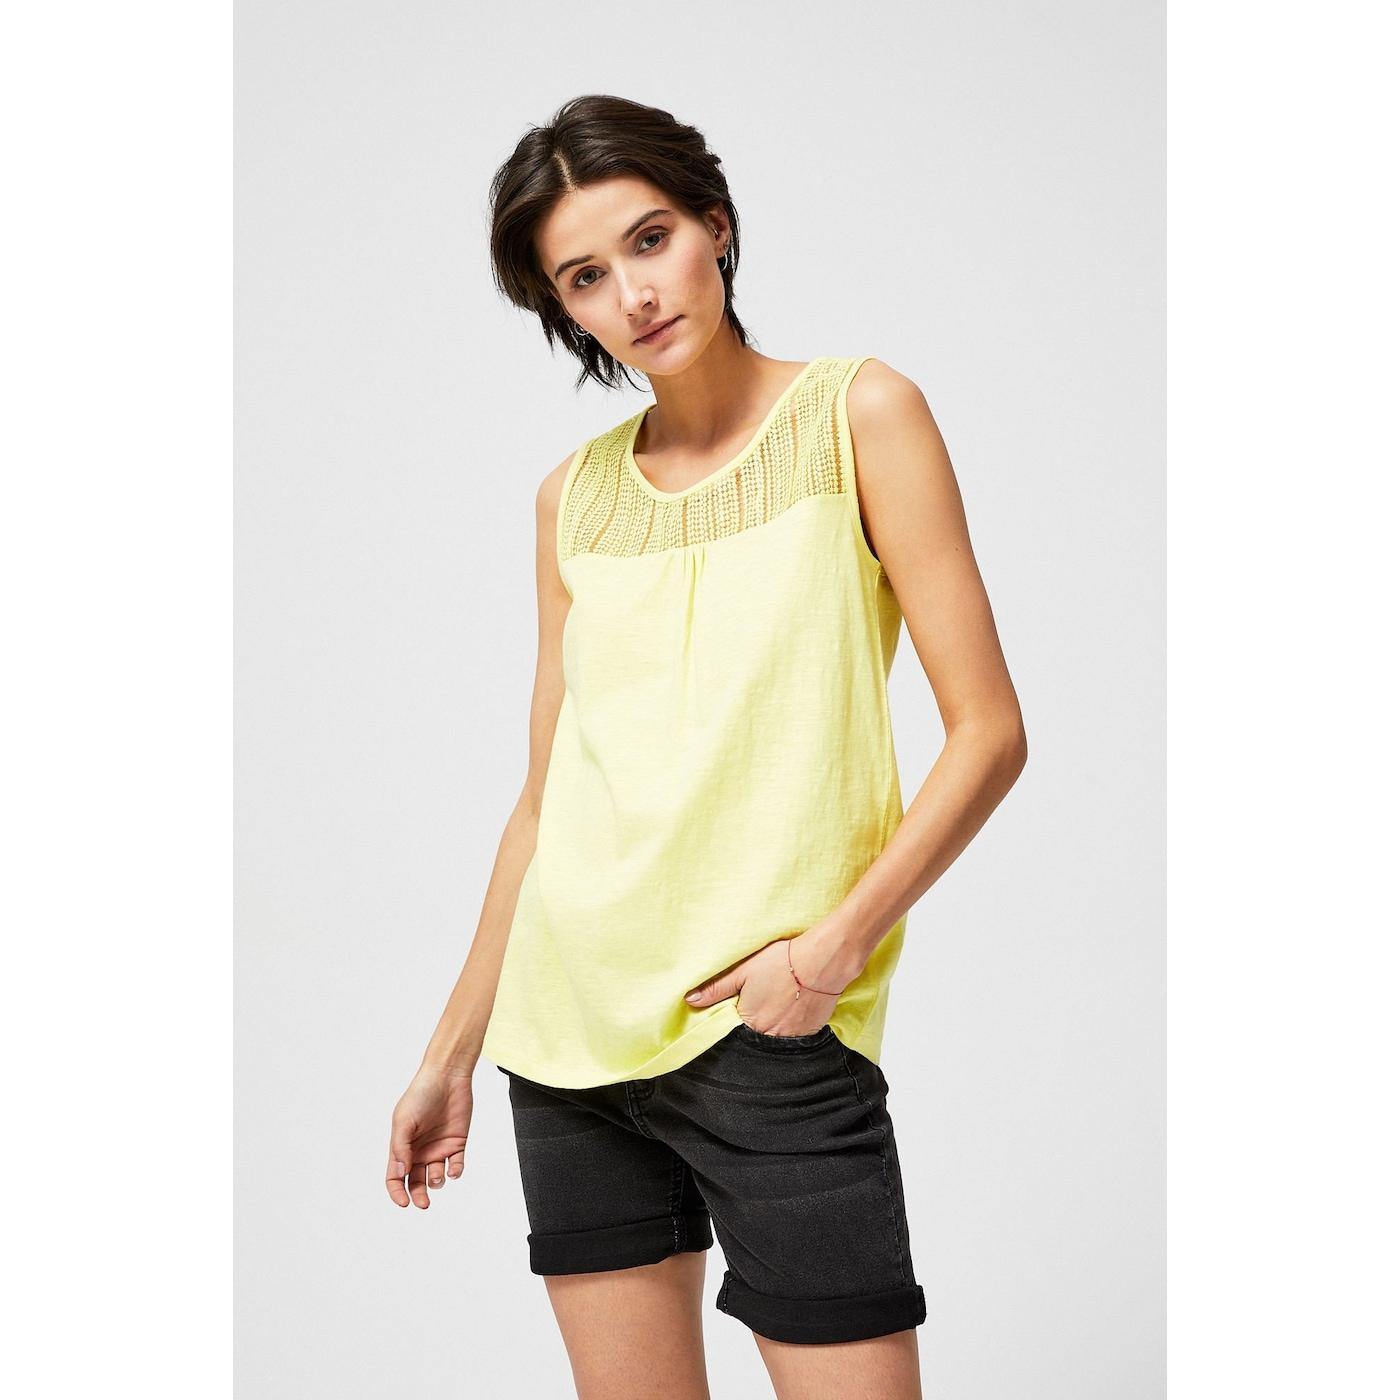 Cotton top - yellow dámské Other M